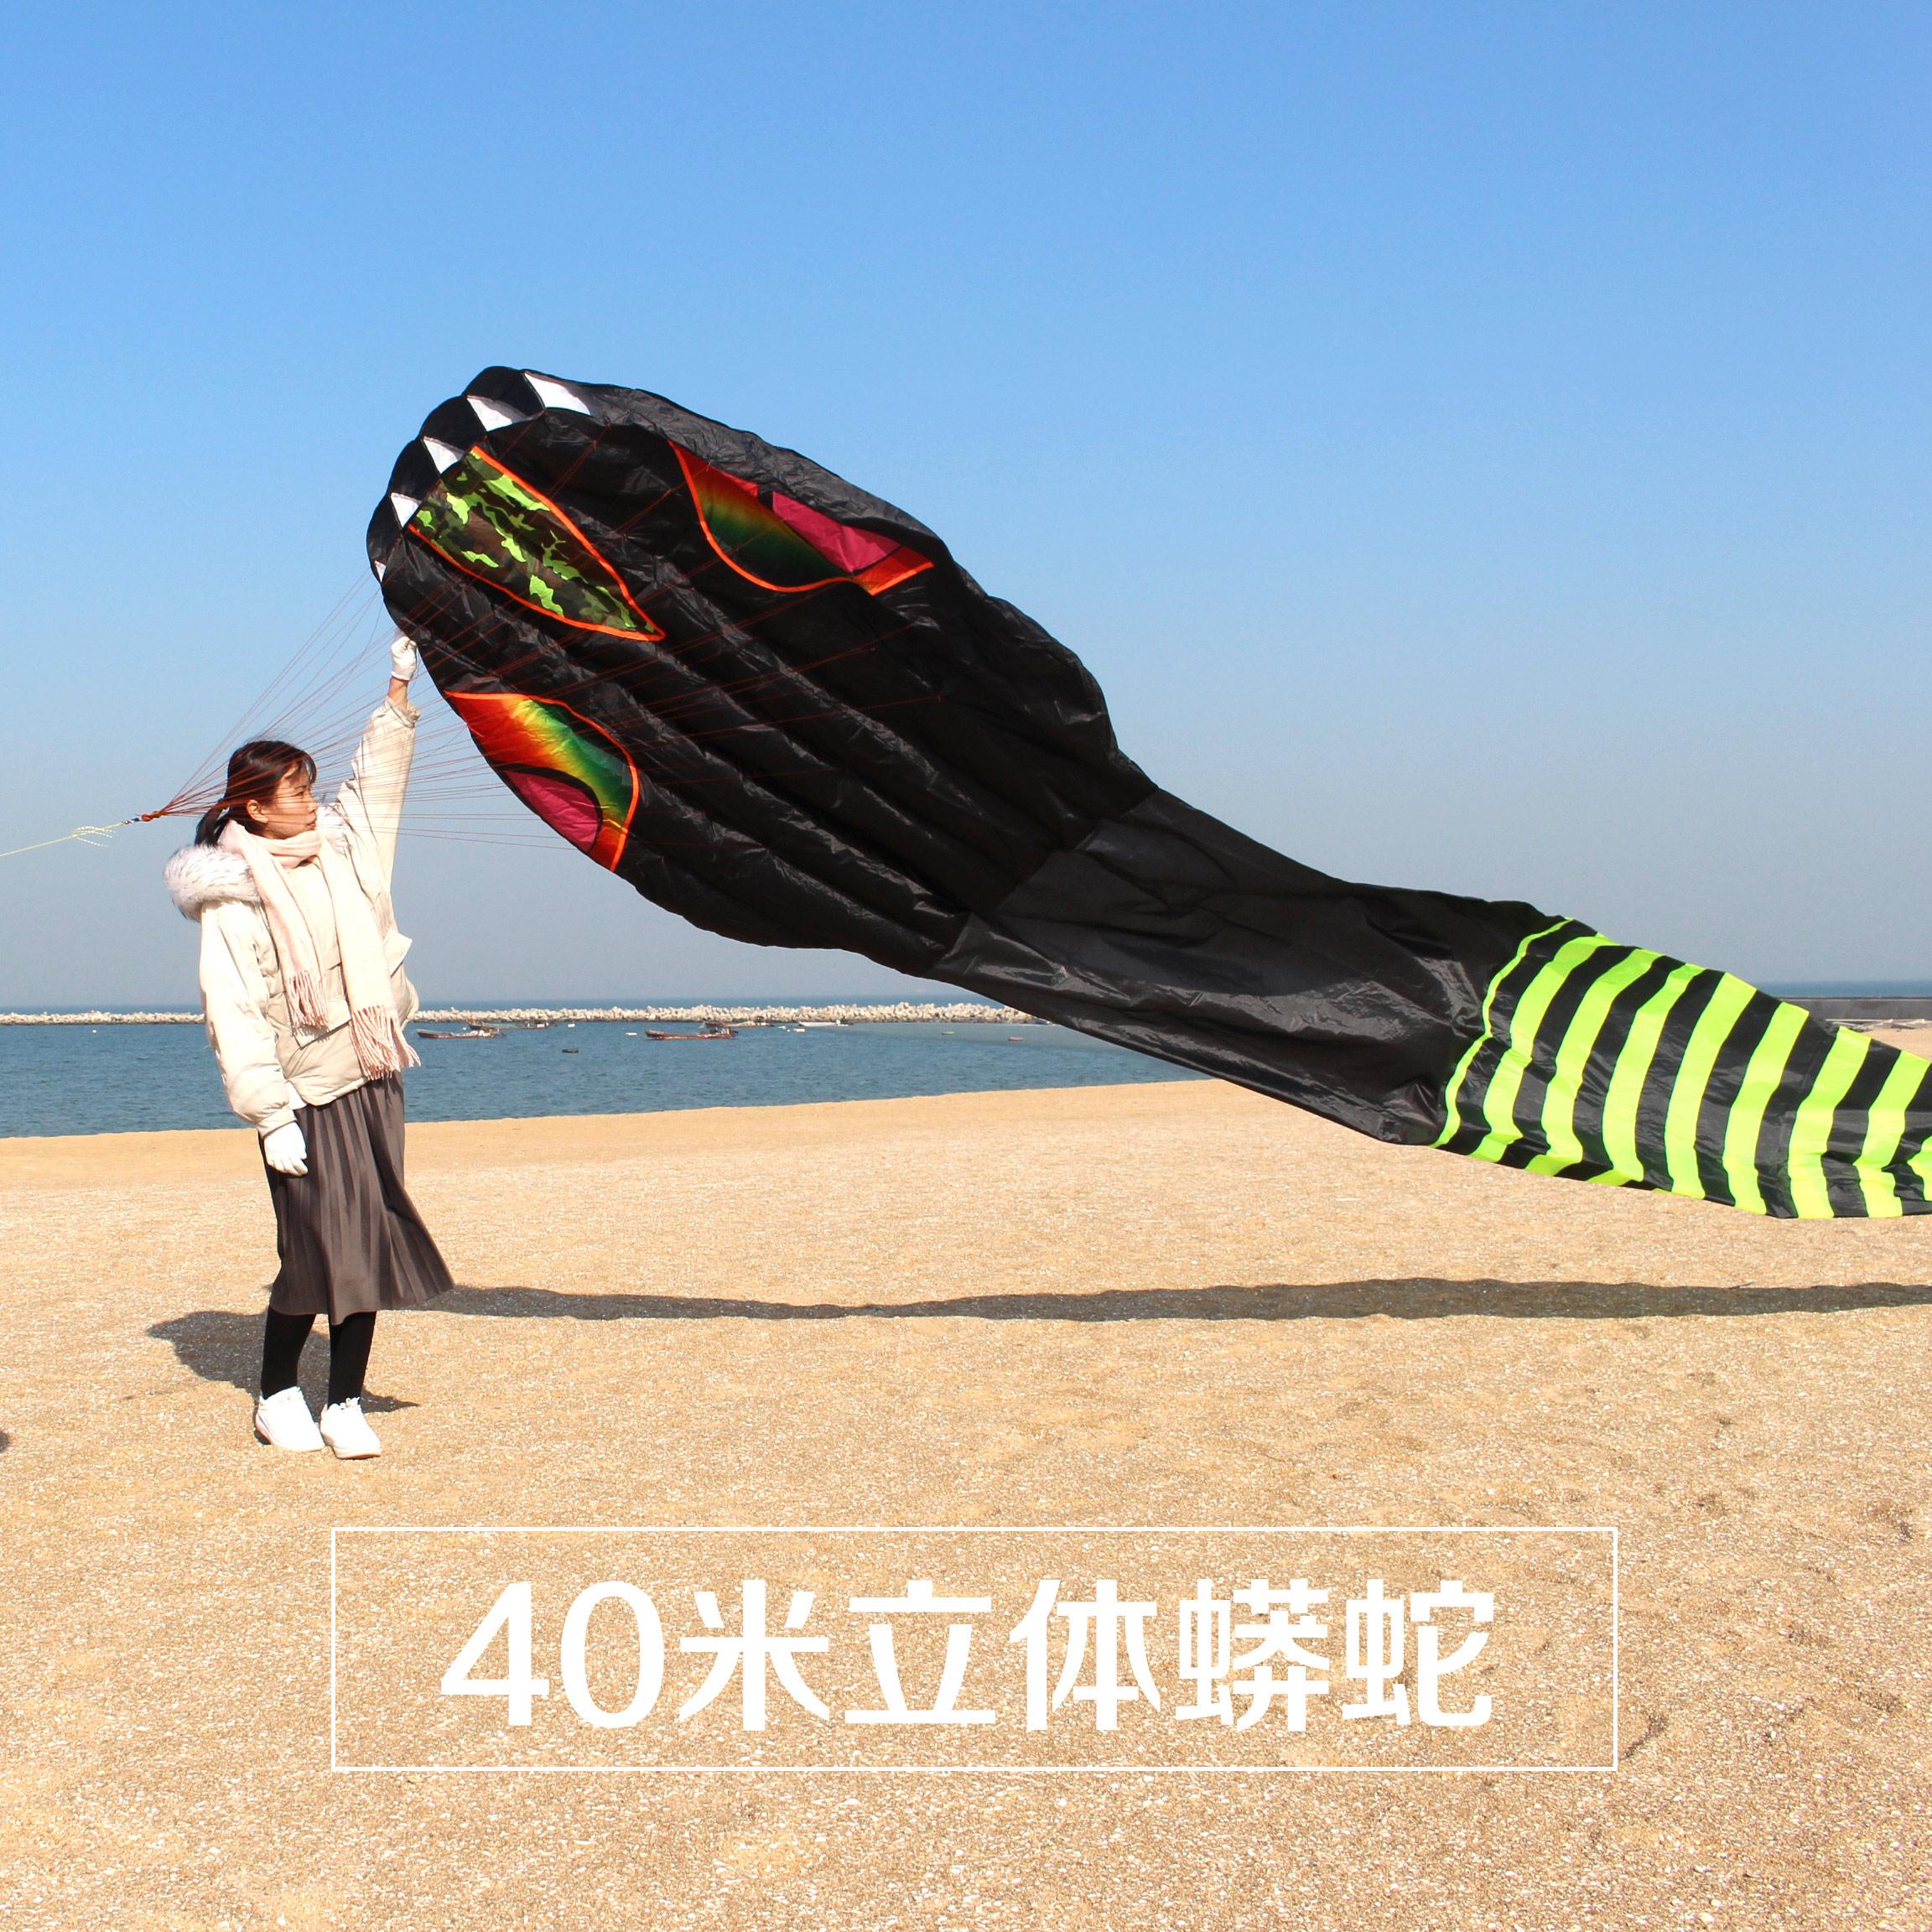 潍坊风筝 高档大型立体蟒蛇大风筝 新款巨型成人风筝 好飞易飞